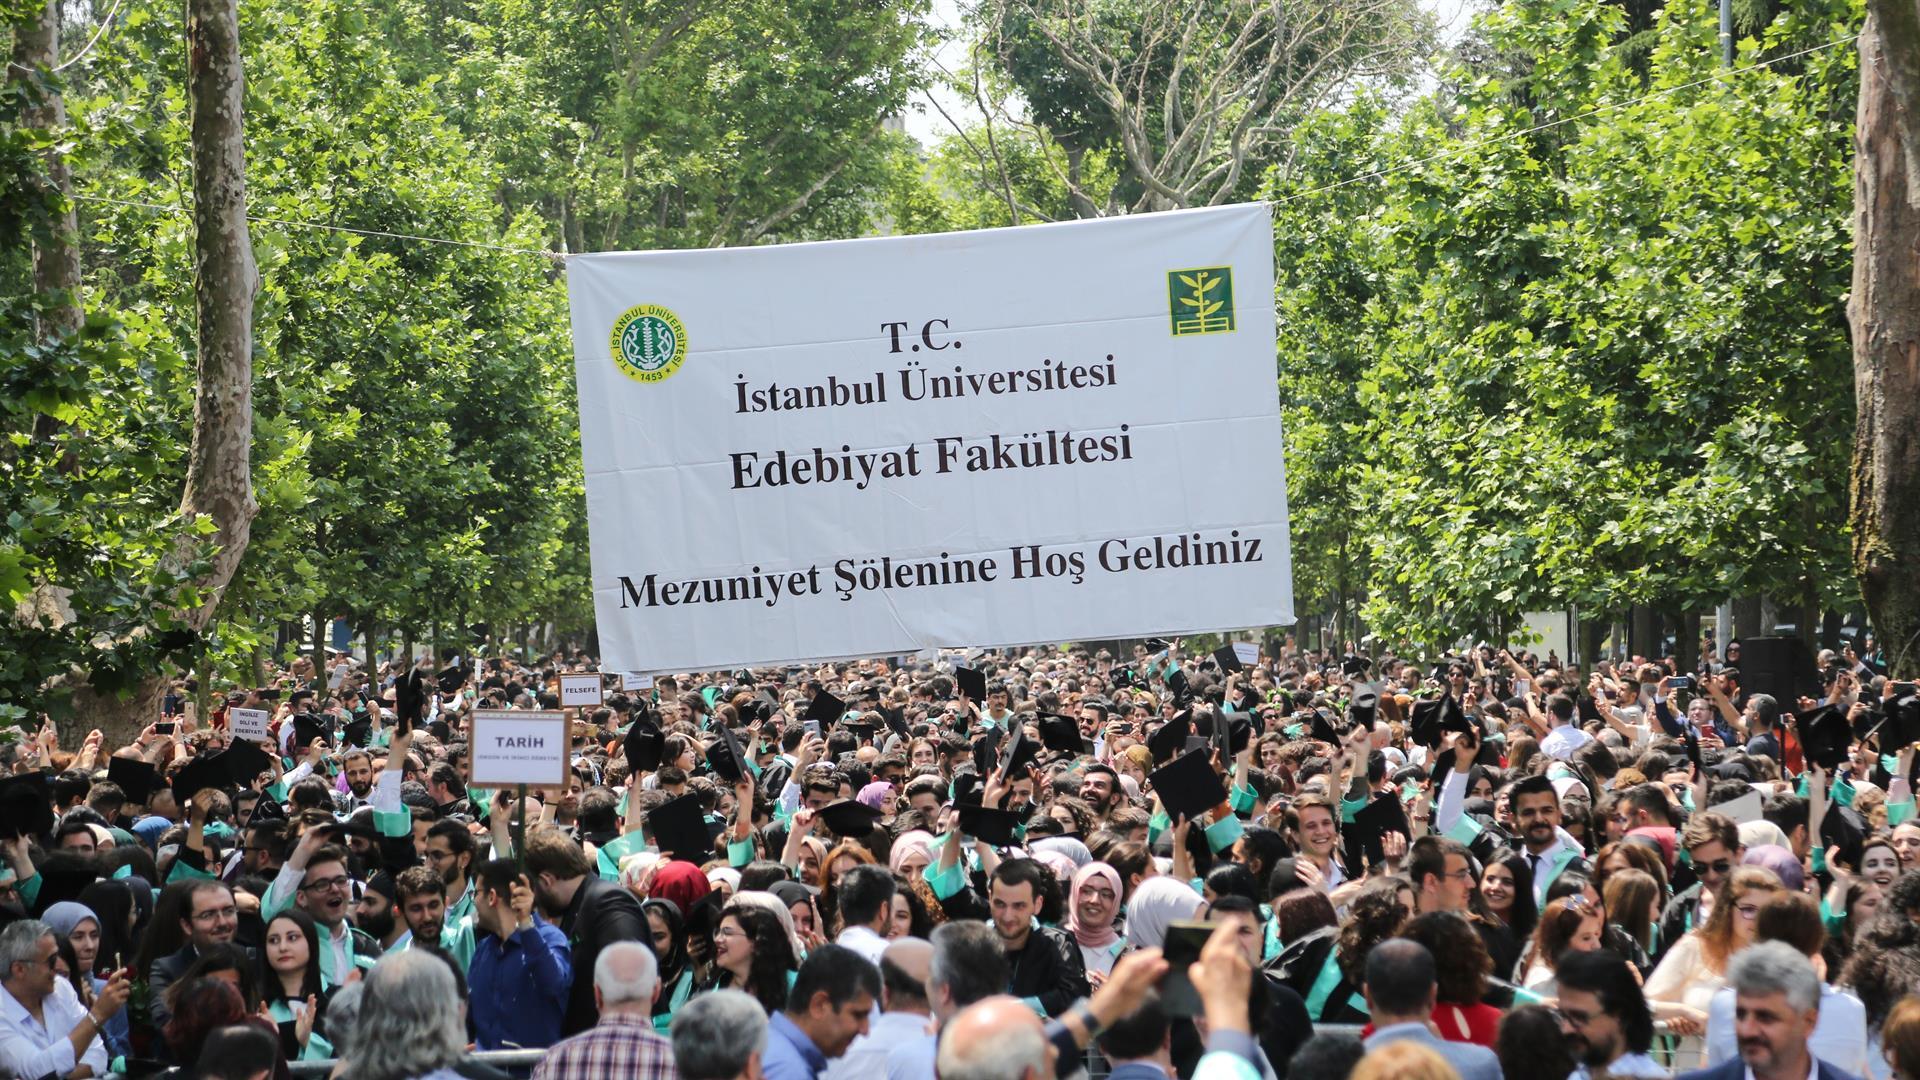 İÜ-Edebiyat-Fakültesi-2019-Yılı-Mezuniyet-Töreni-Gerçekleştirildi